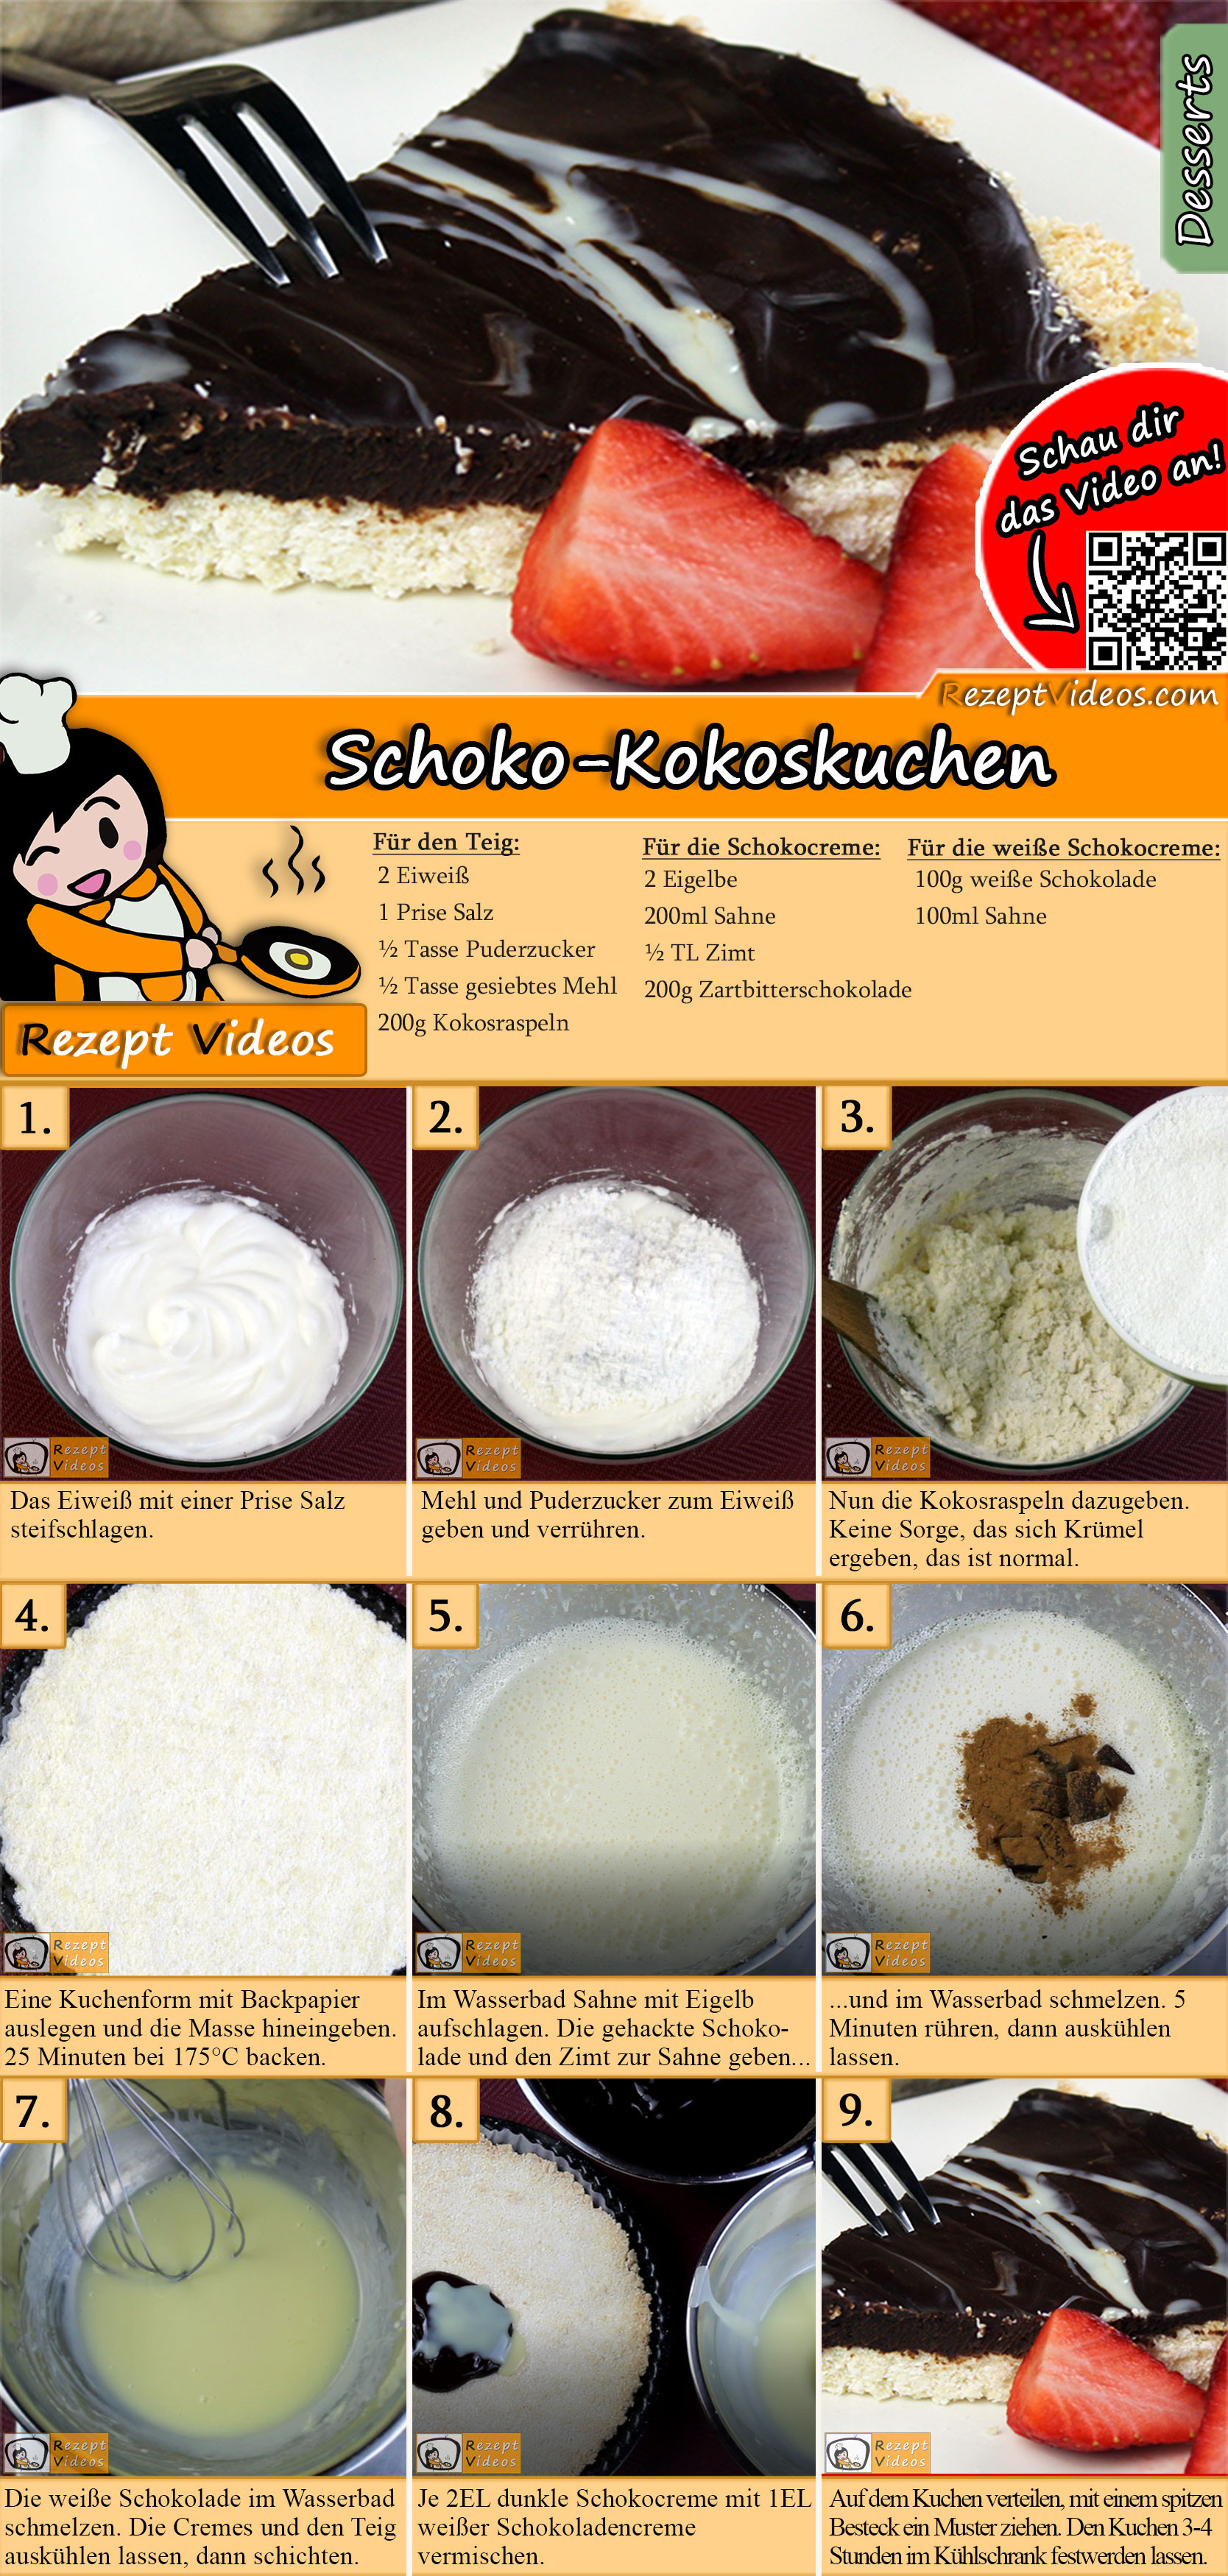 Schoko-Kokoskuchen Rezept mit Video